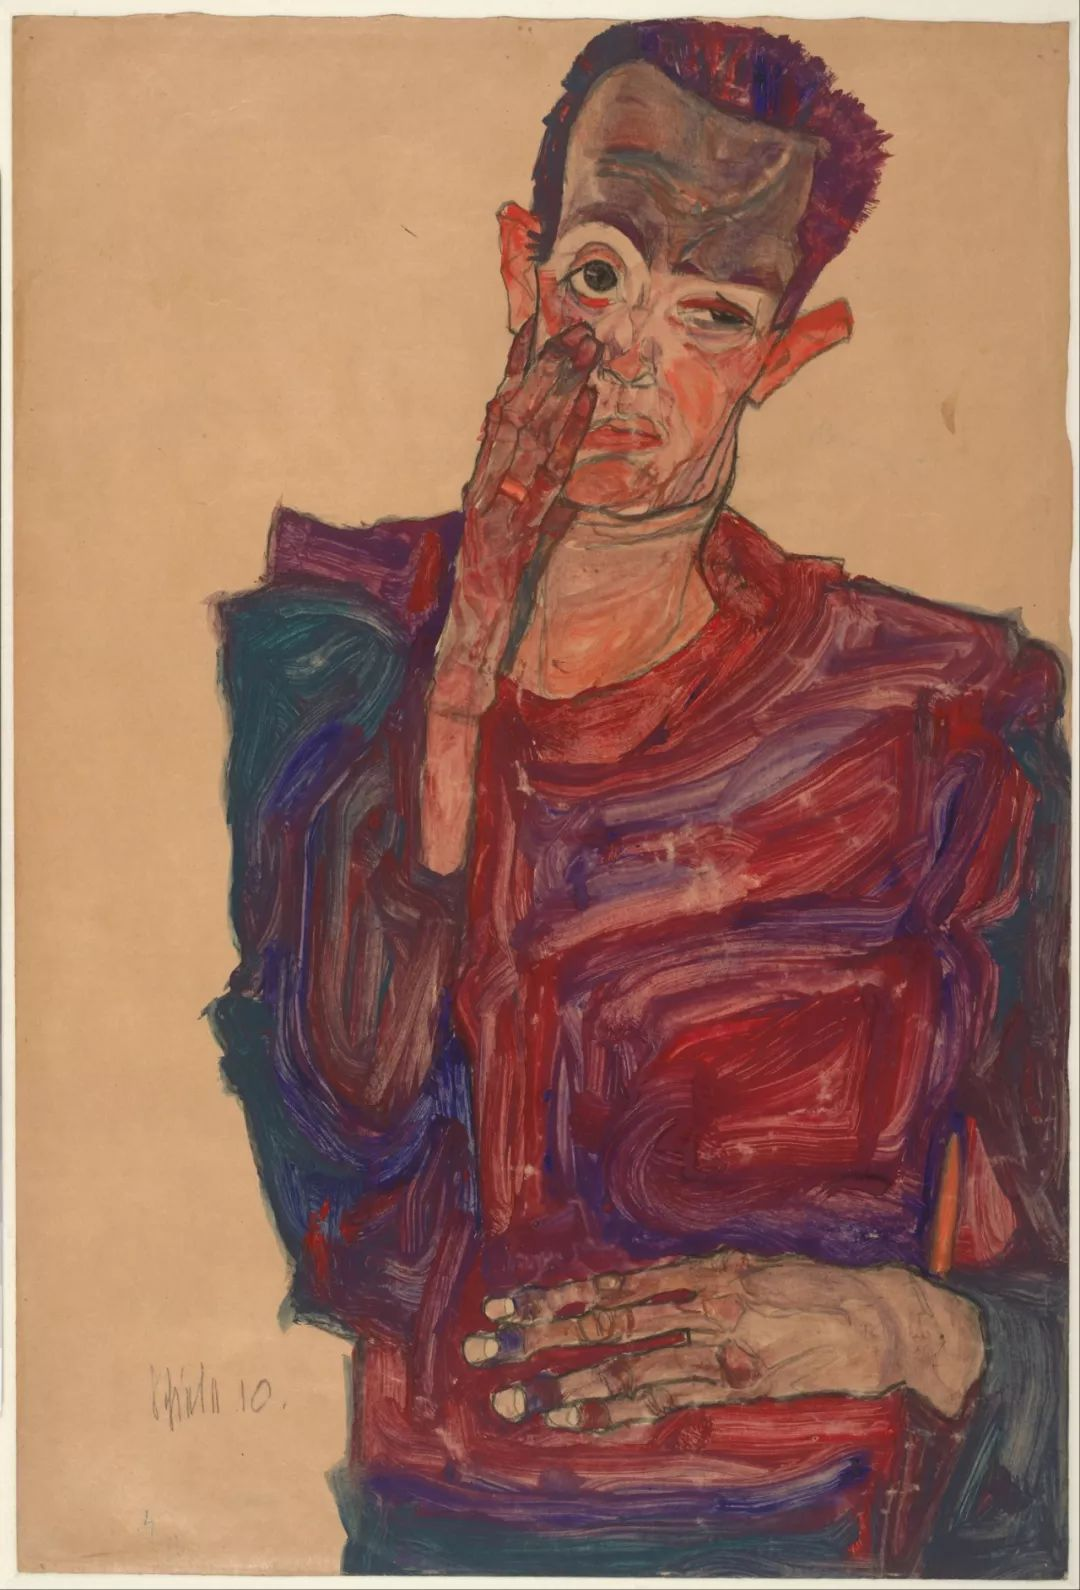 年仅28岁,生前遭受非议,死后却被捧为直逼心灵的艺术家插图127